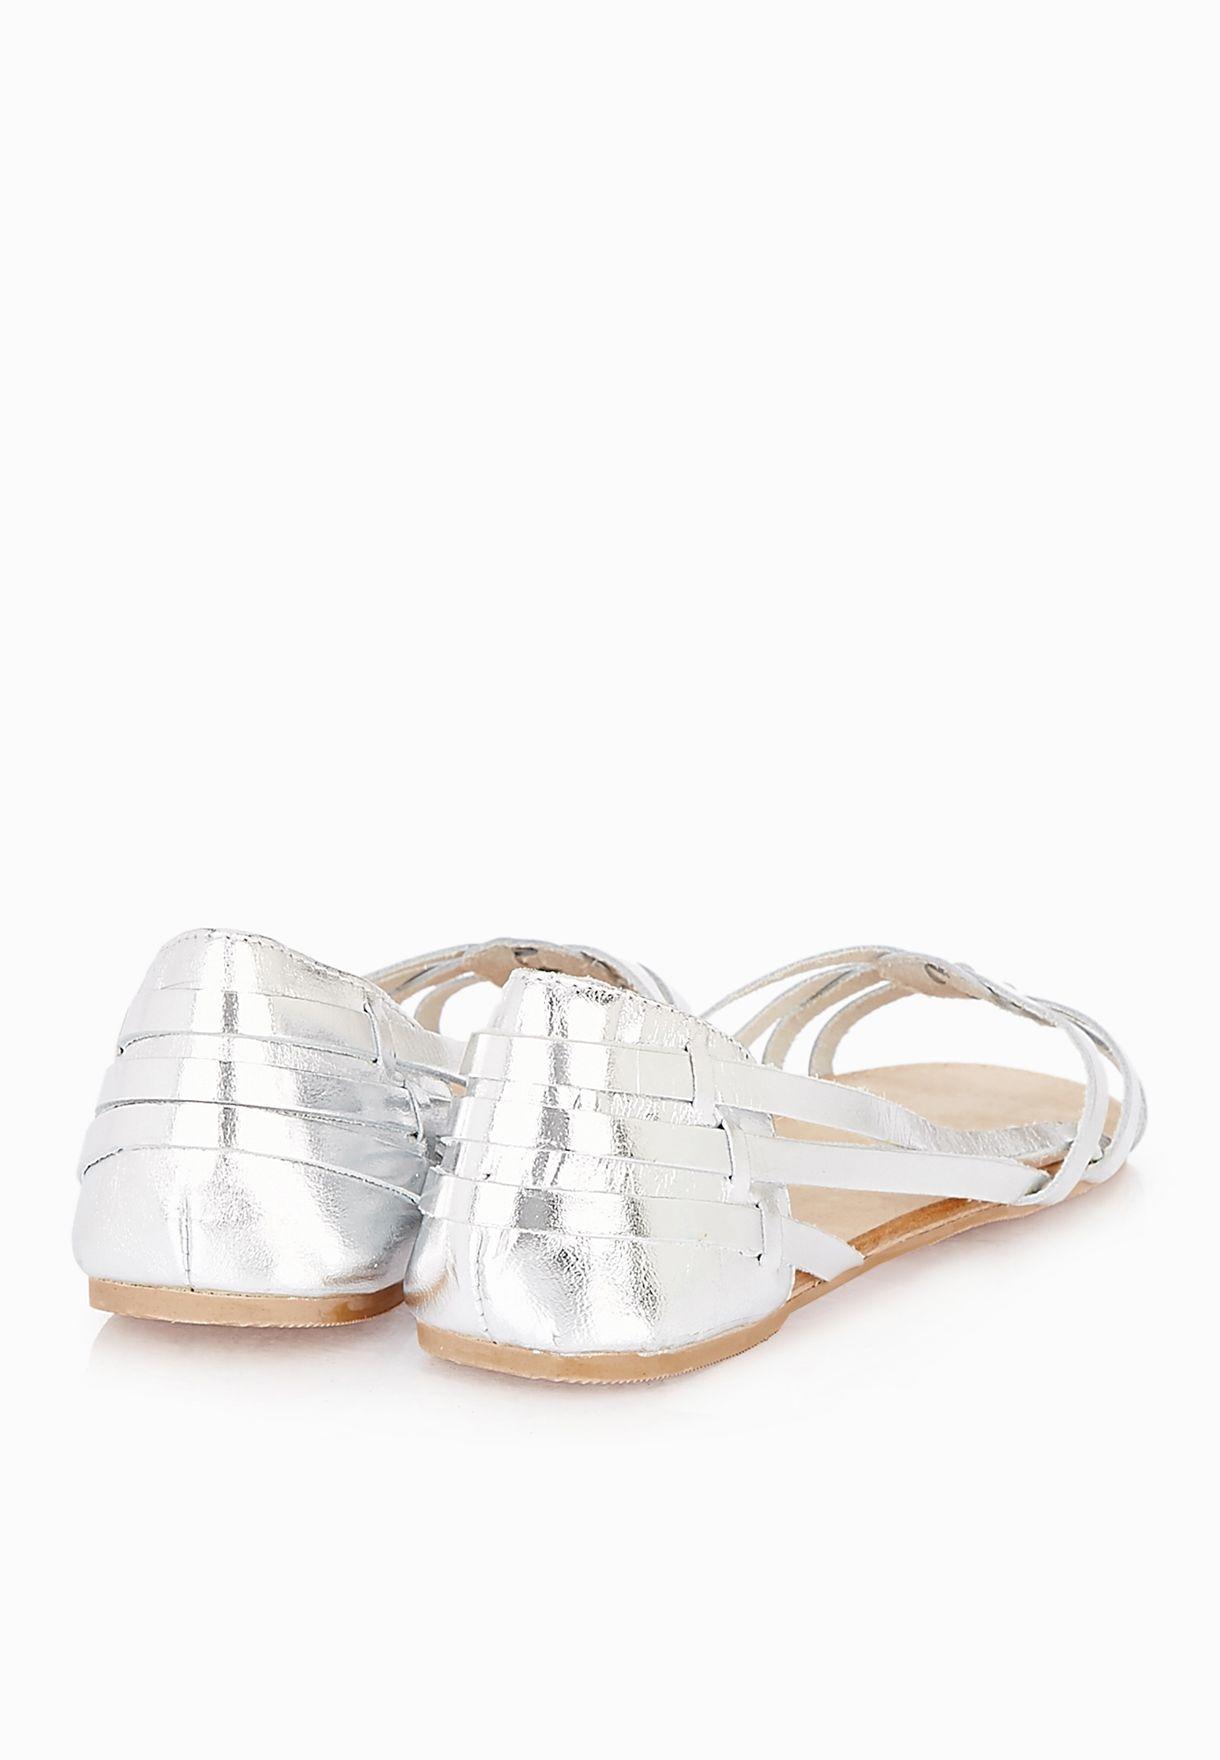 0d3320bec66d Shop Miss Selfridge silver Evie Huarache Ballerinas for Women in ...